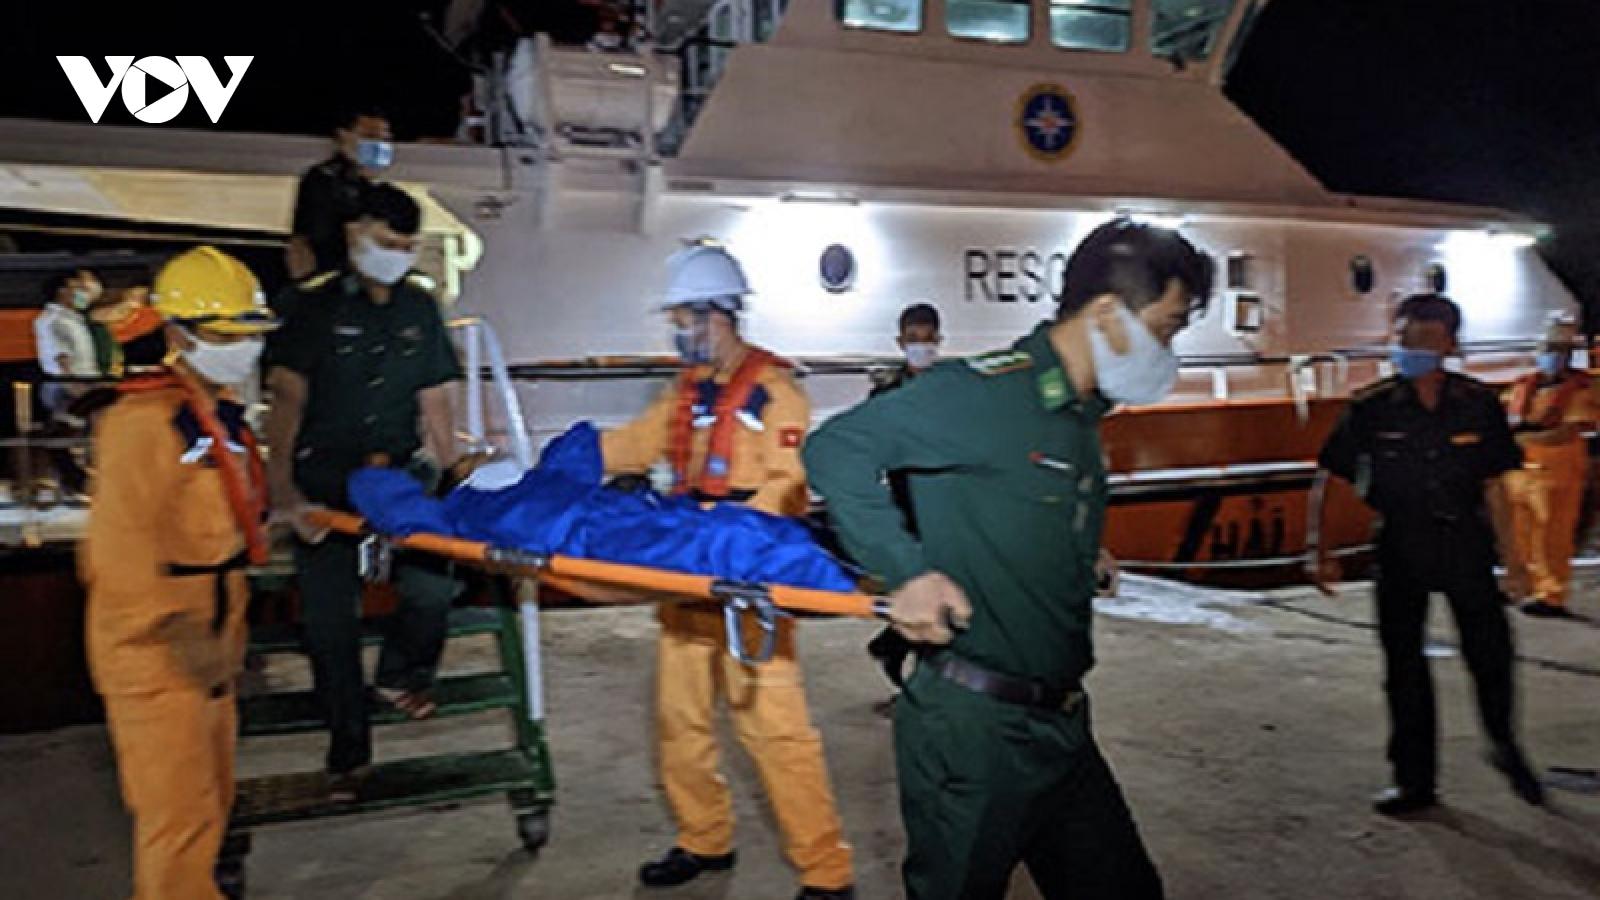 Tàu cá bị tàu hàng đâm chìm, hàng chục ngư dân gặp nạn ở Bình Thuận